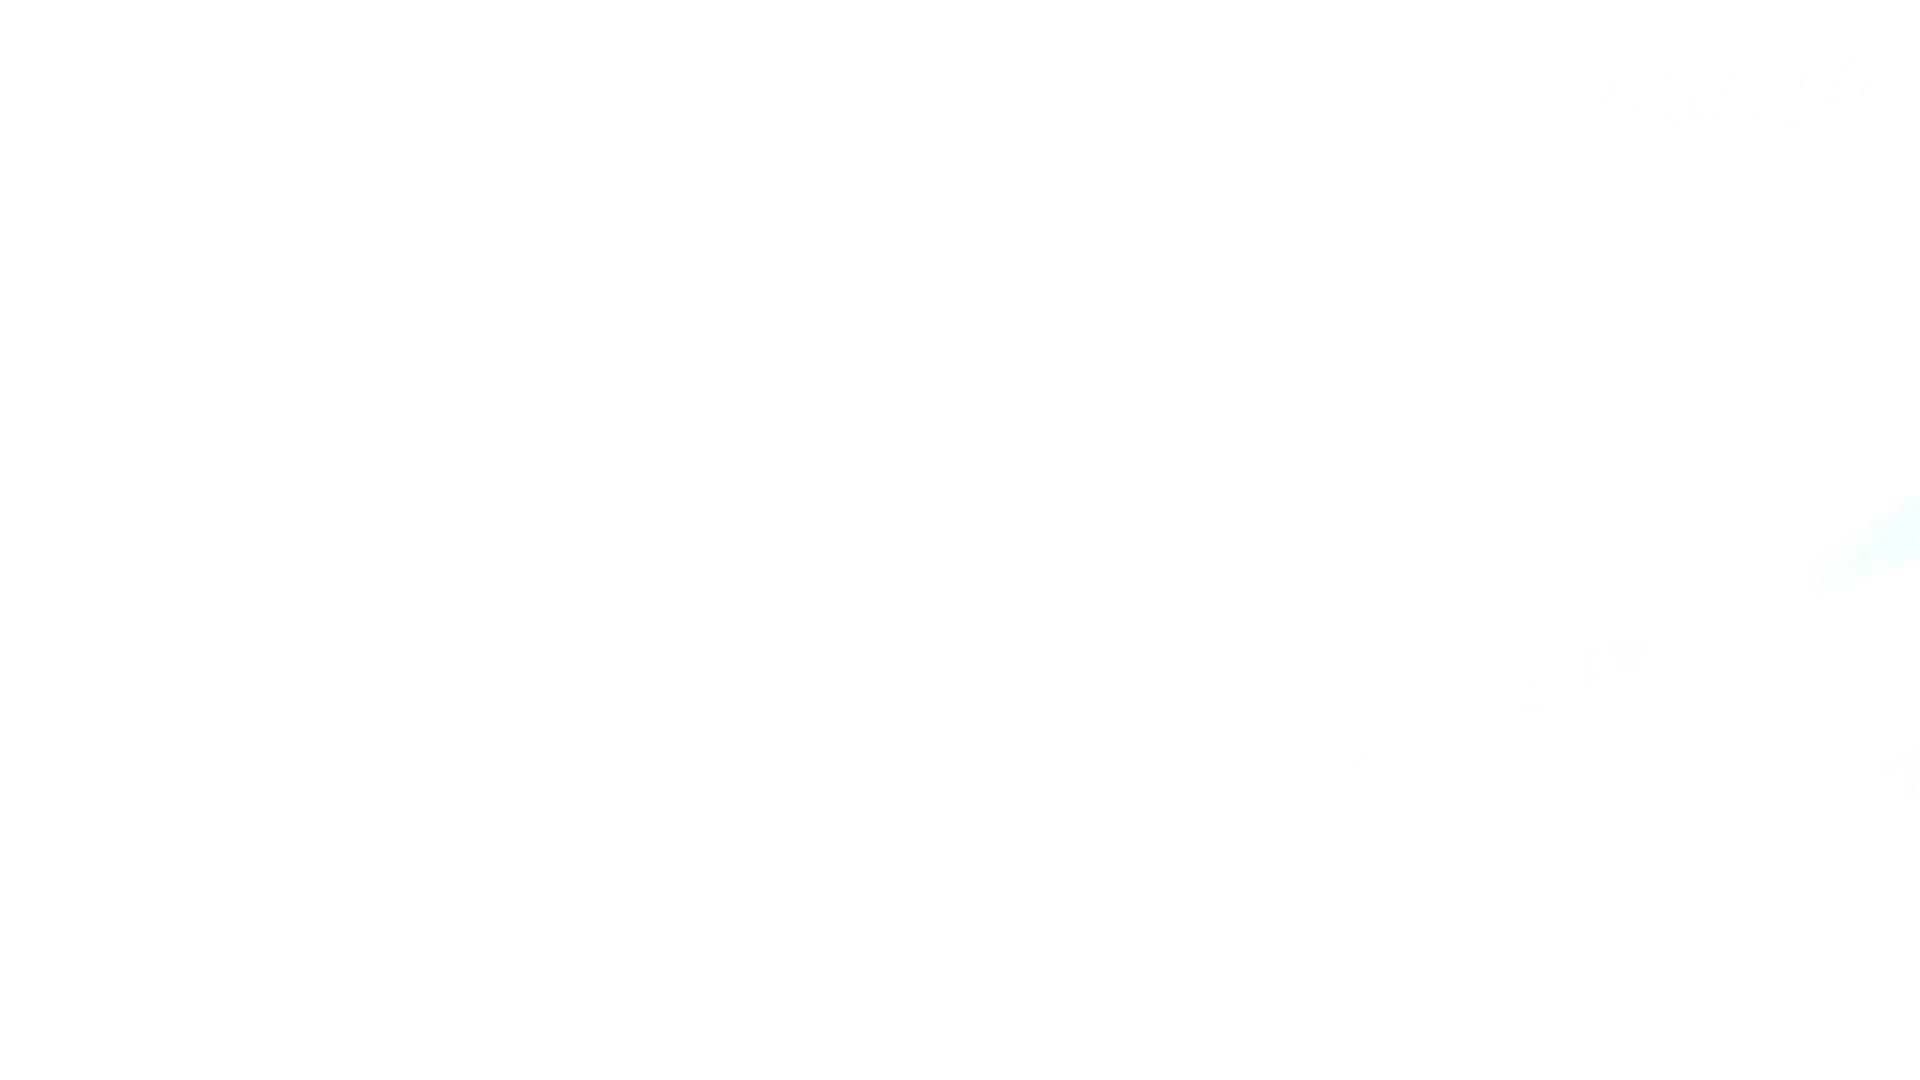 ▲復活限定▲ハイビジョン 盗神伝 Vol.24 エッチすぎるOL達  93連発 8